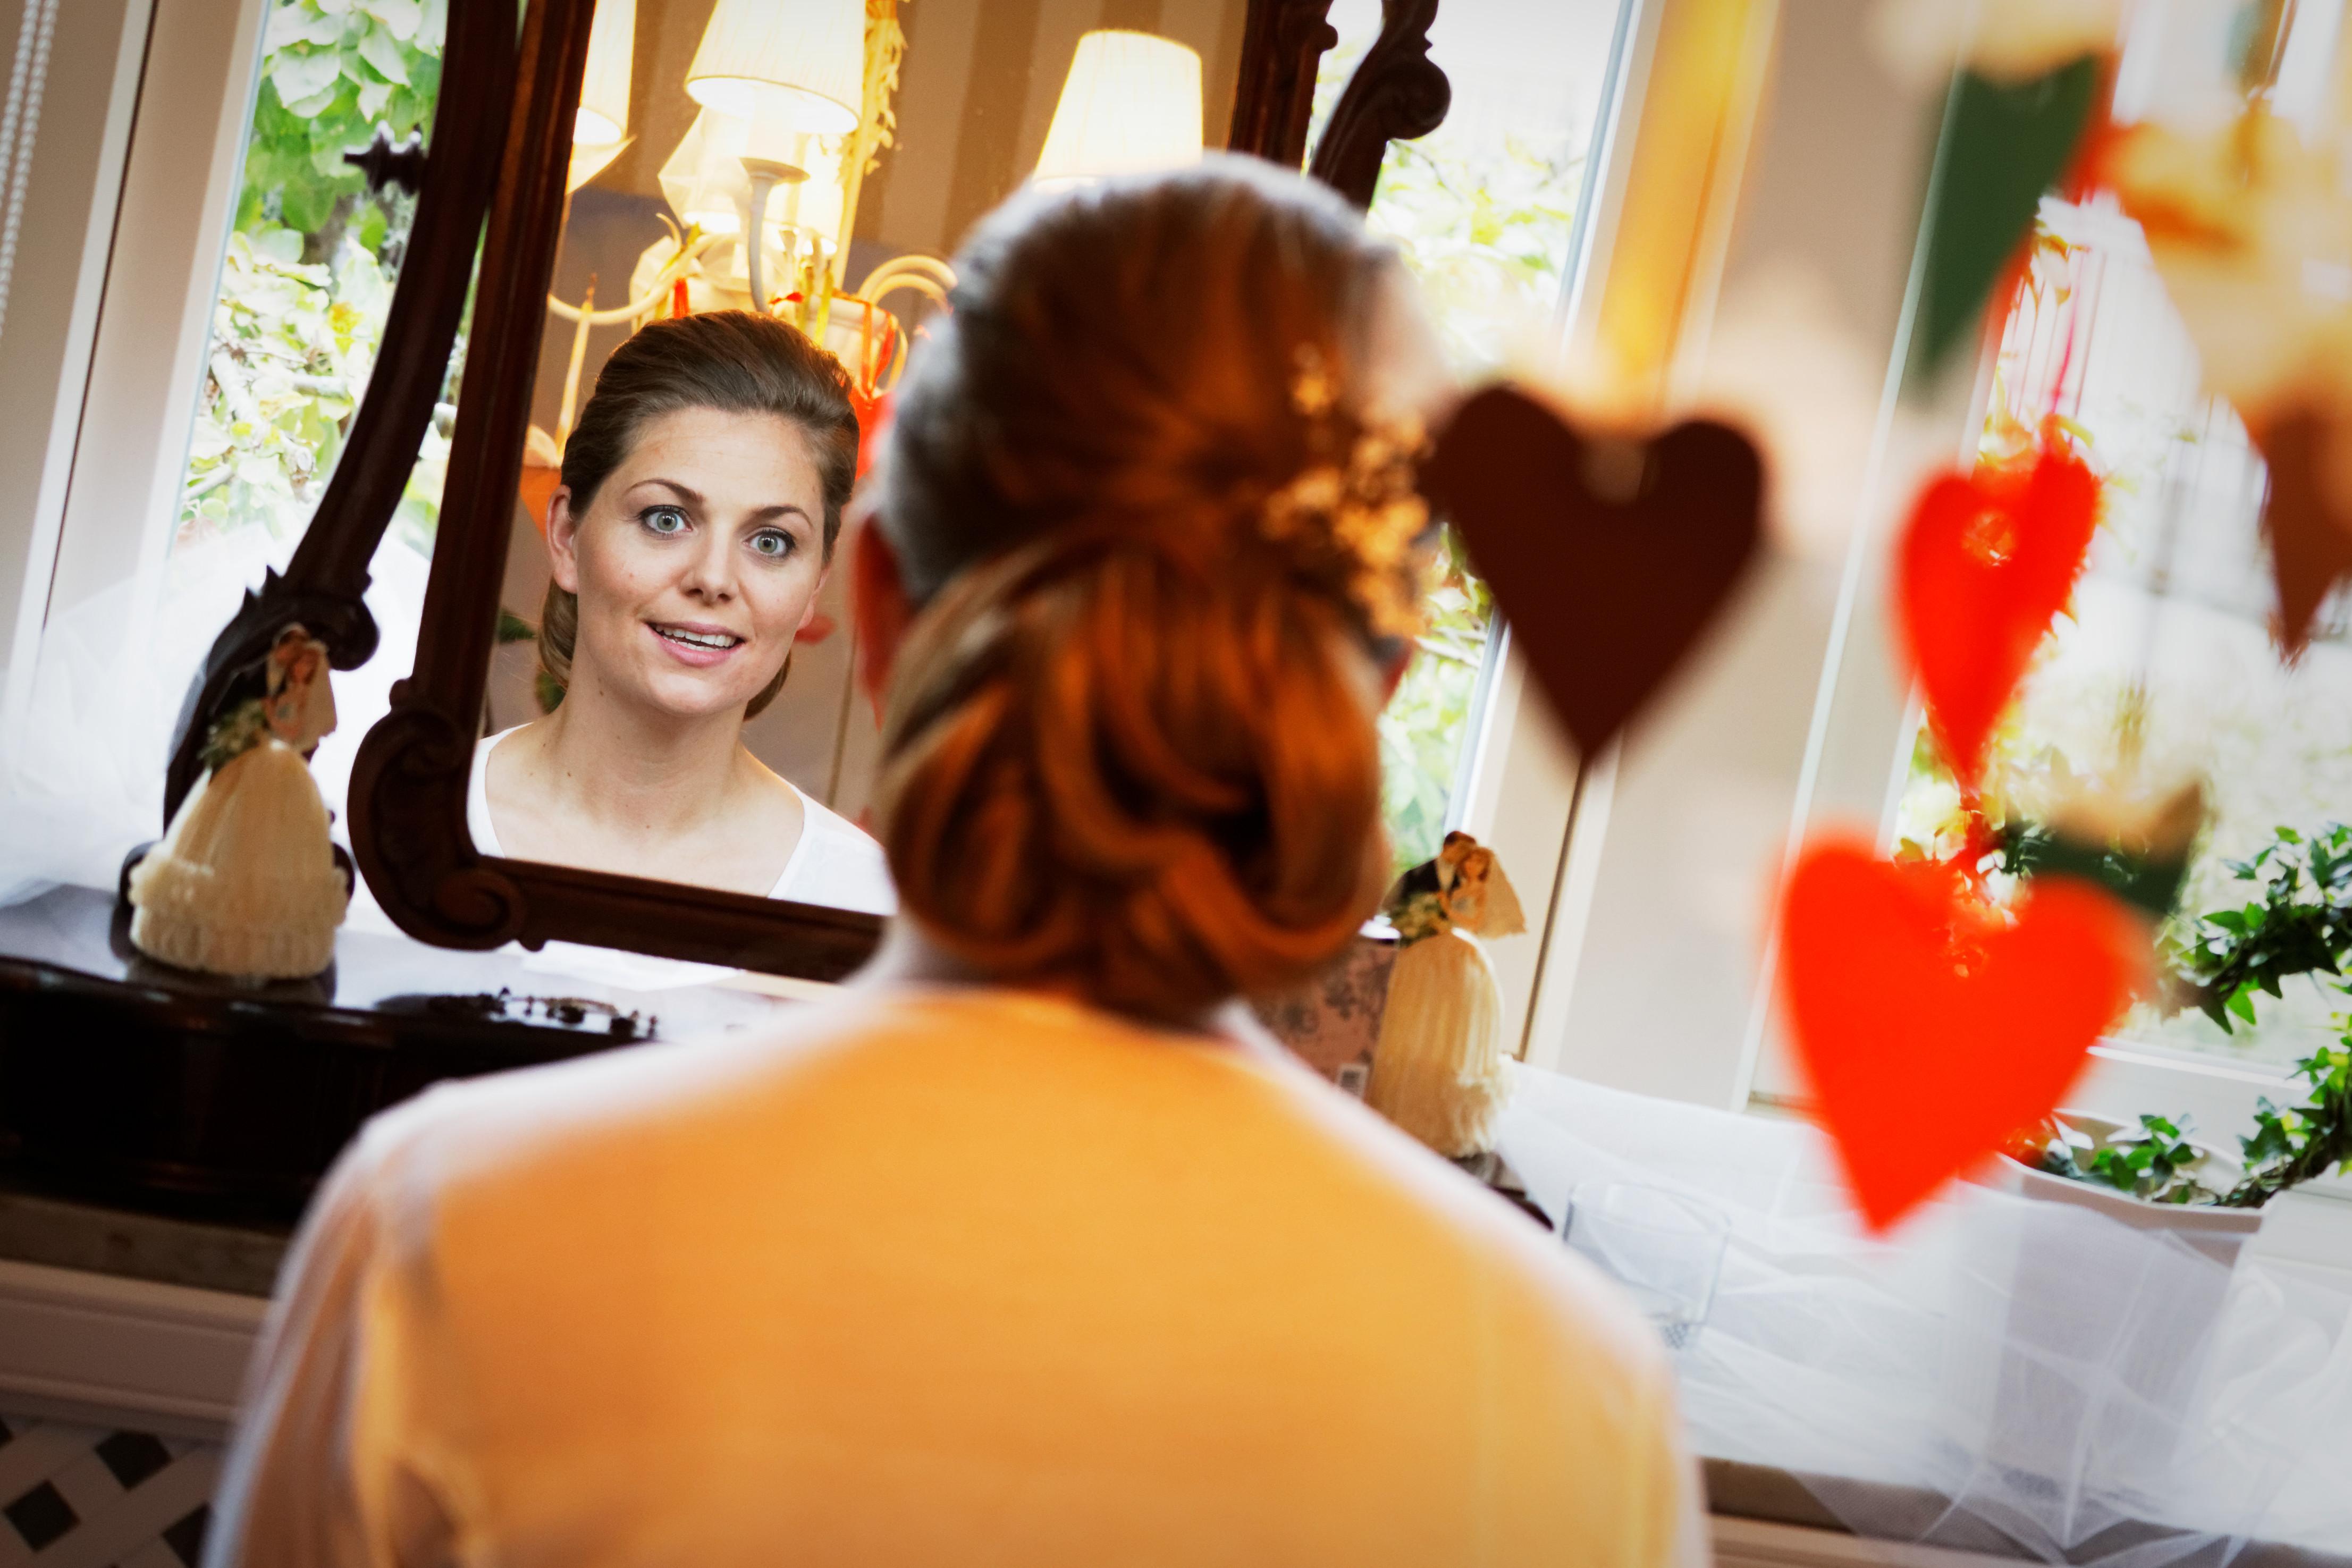 Bröllop - förberedelser 2